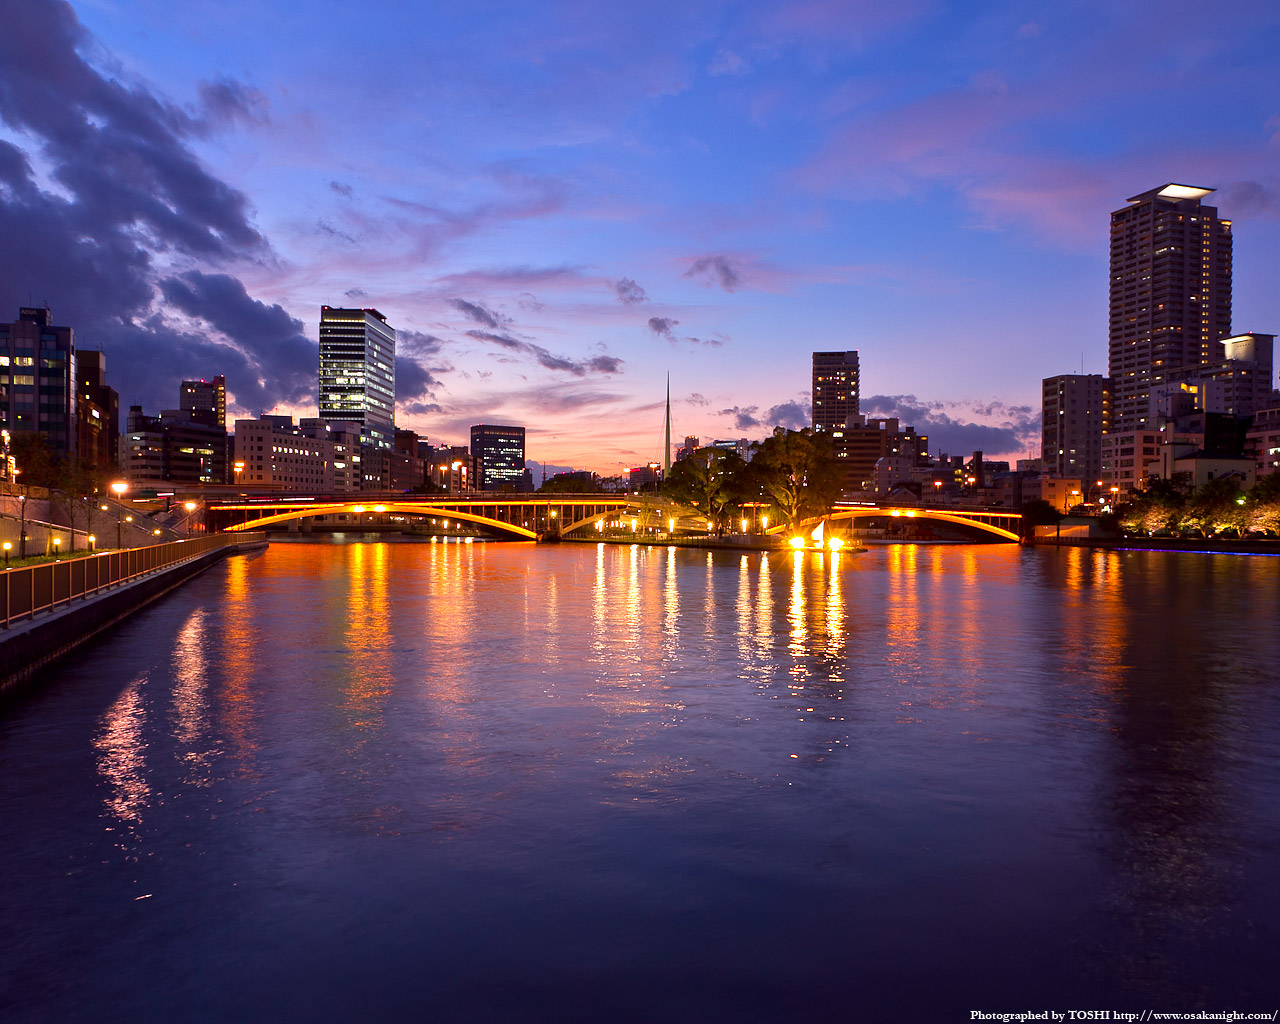 天神橋のライトアップ夕景1